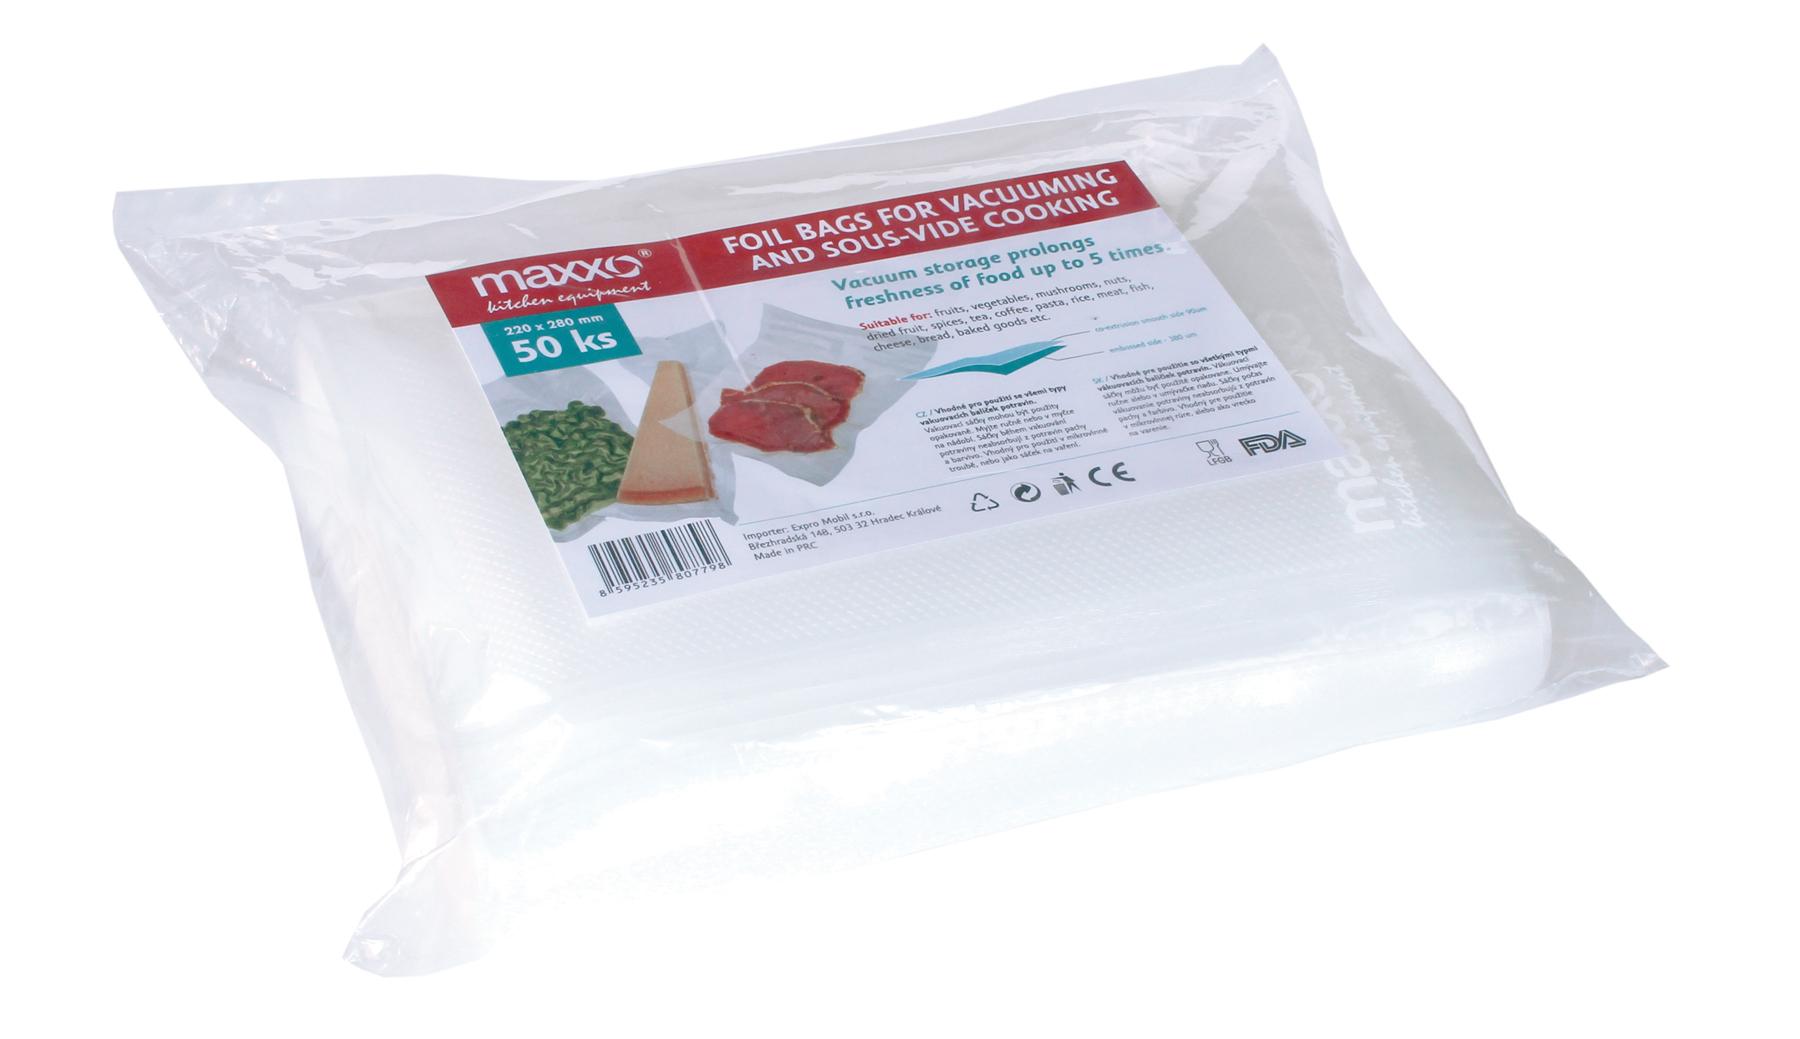 Náhradní sáčky do vakuové baličky potravin, Maxxo 22x28 cm 50ks